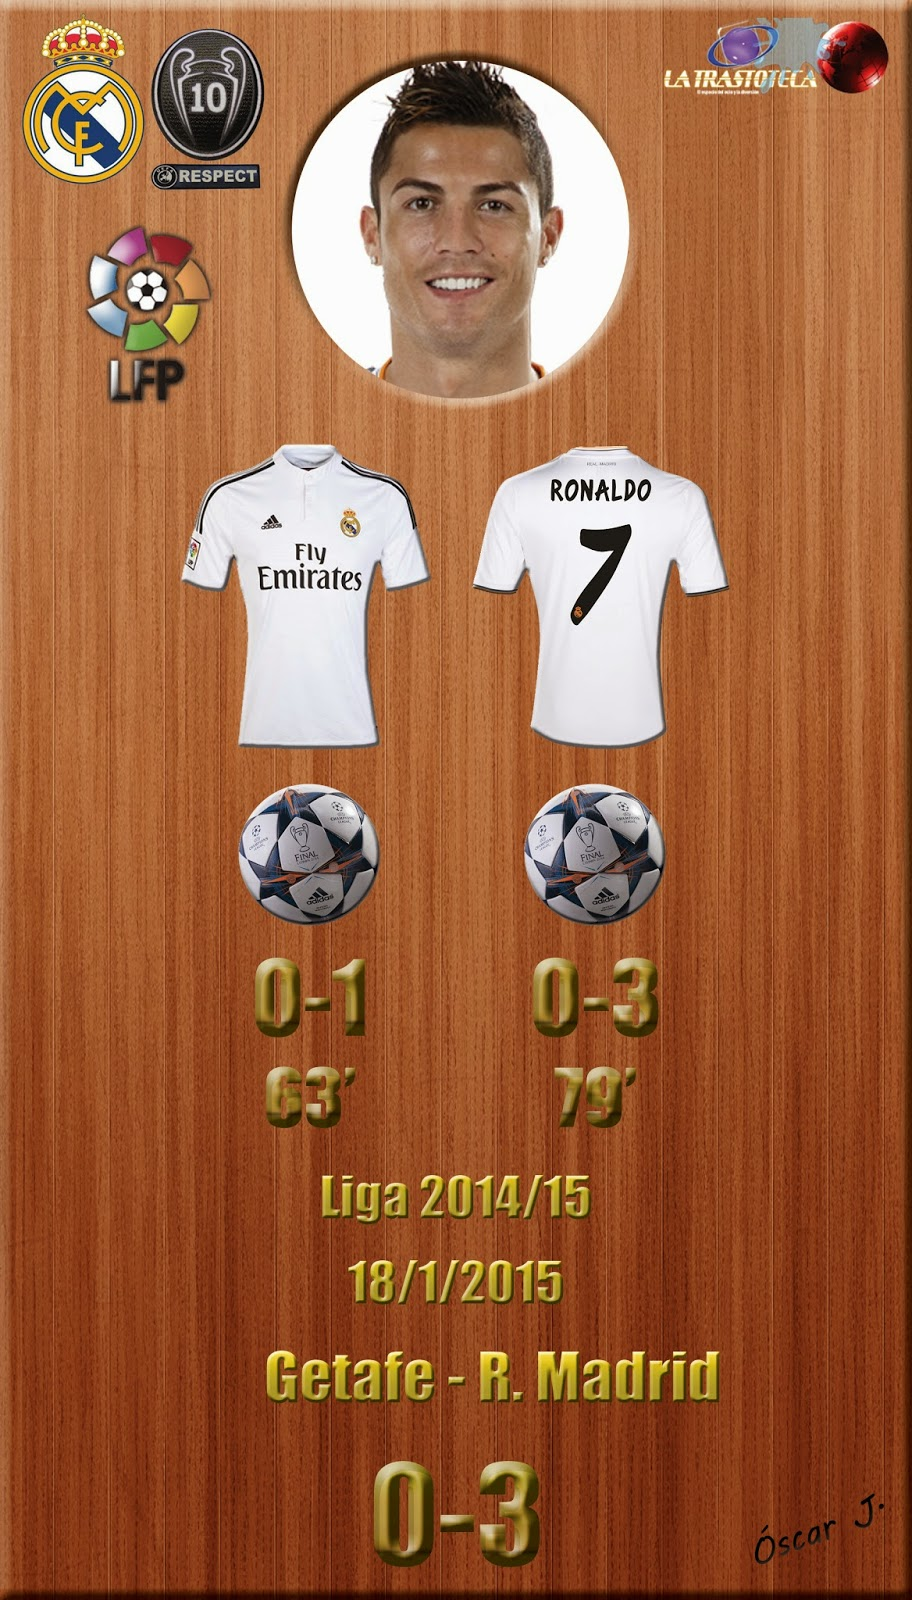 Getafe 0-3 Real Madrid - Liga 2014/15 - Jornada 19 - (18/1/2015)